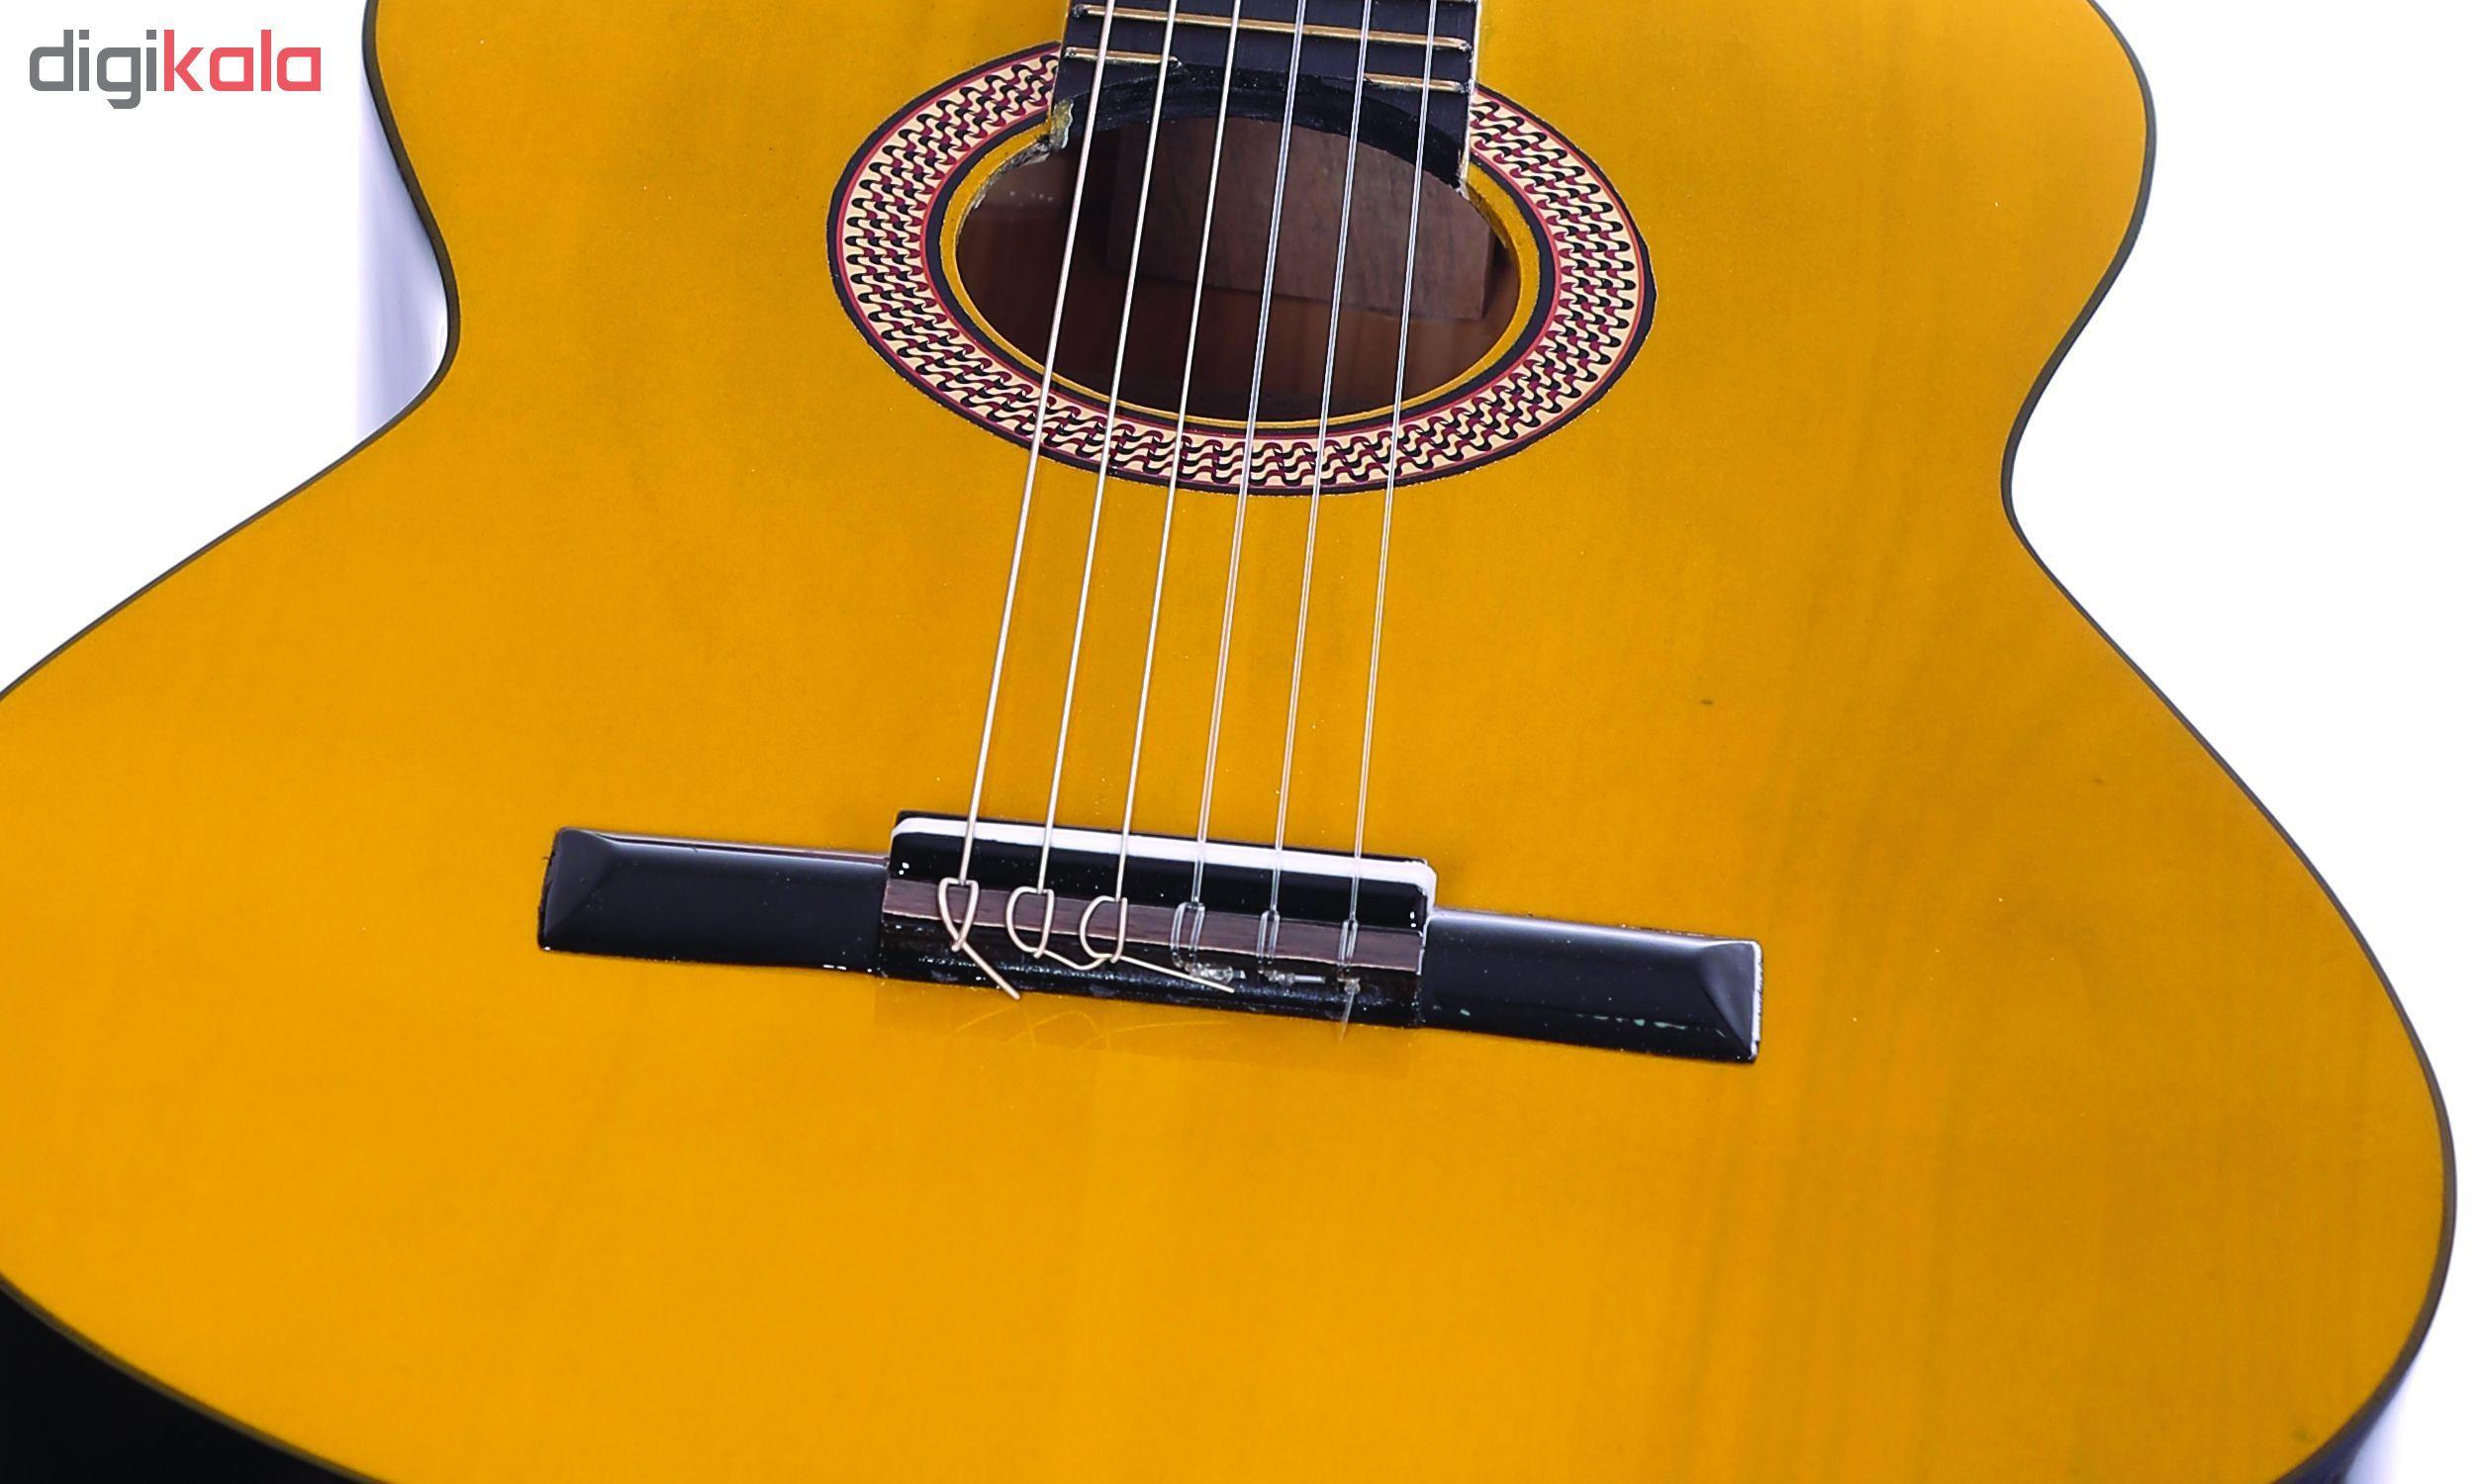 گیتار دایموند مدل TS600 main 1 14